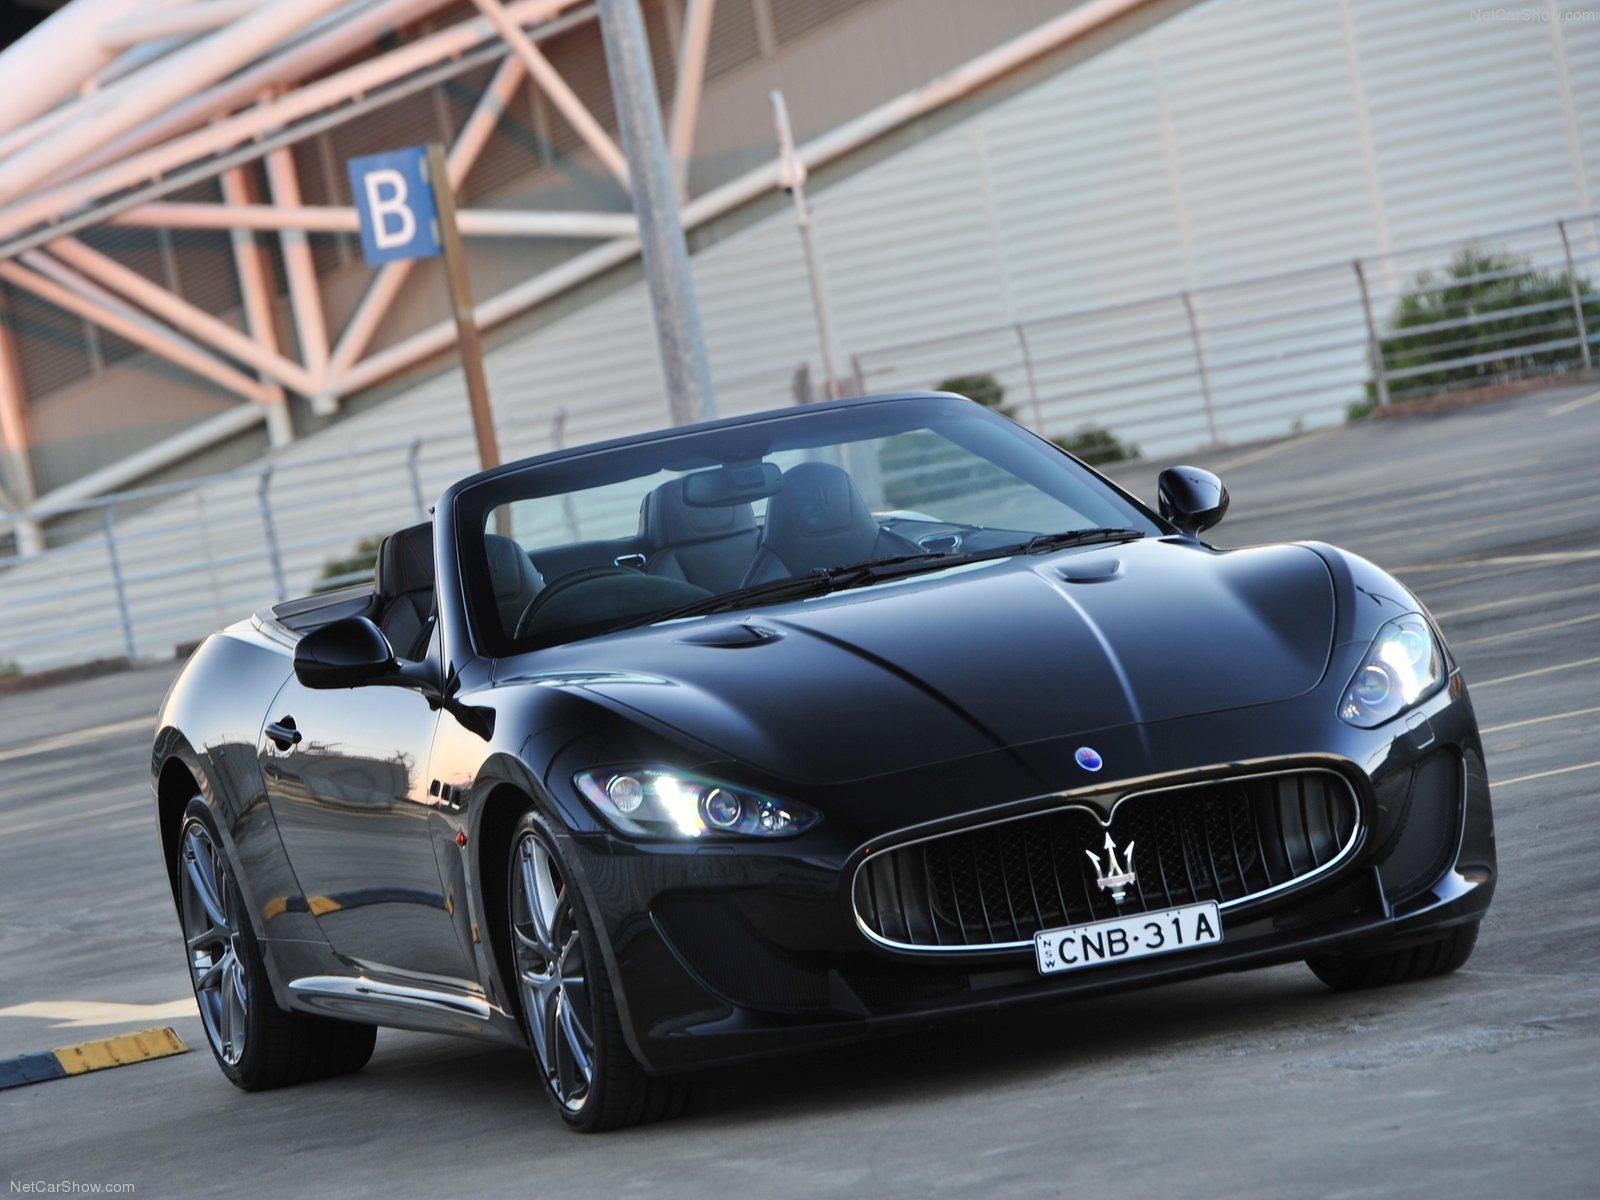 Hình ảnh siêu xe Maserati GranCabrio MC 2013 & nội ngoại thất